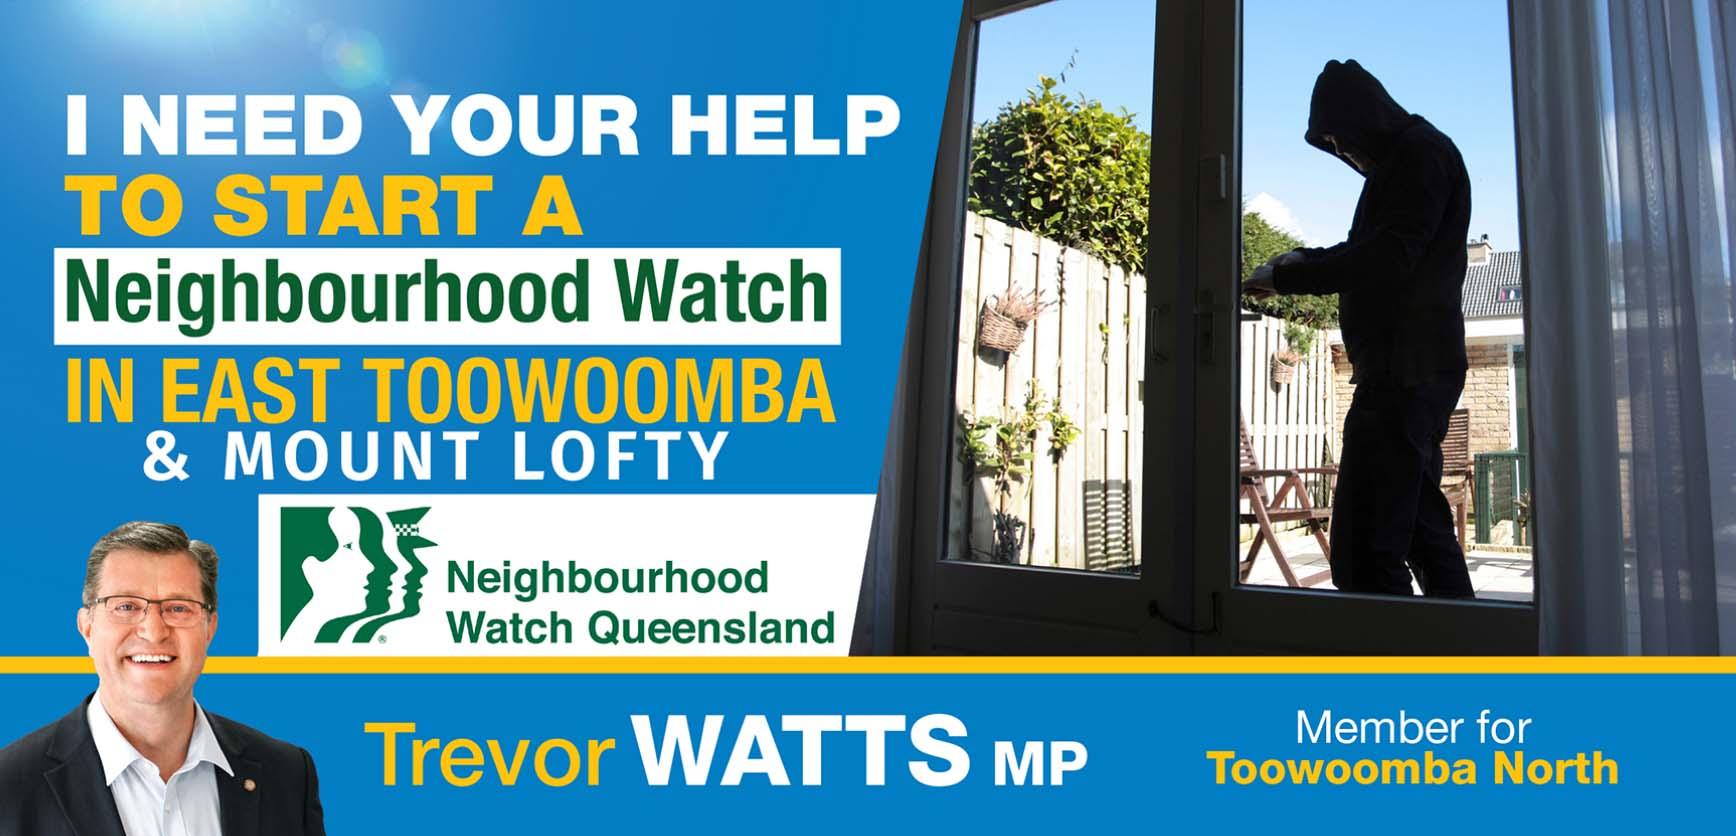 trevor-watts-neighbourhood-watch